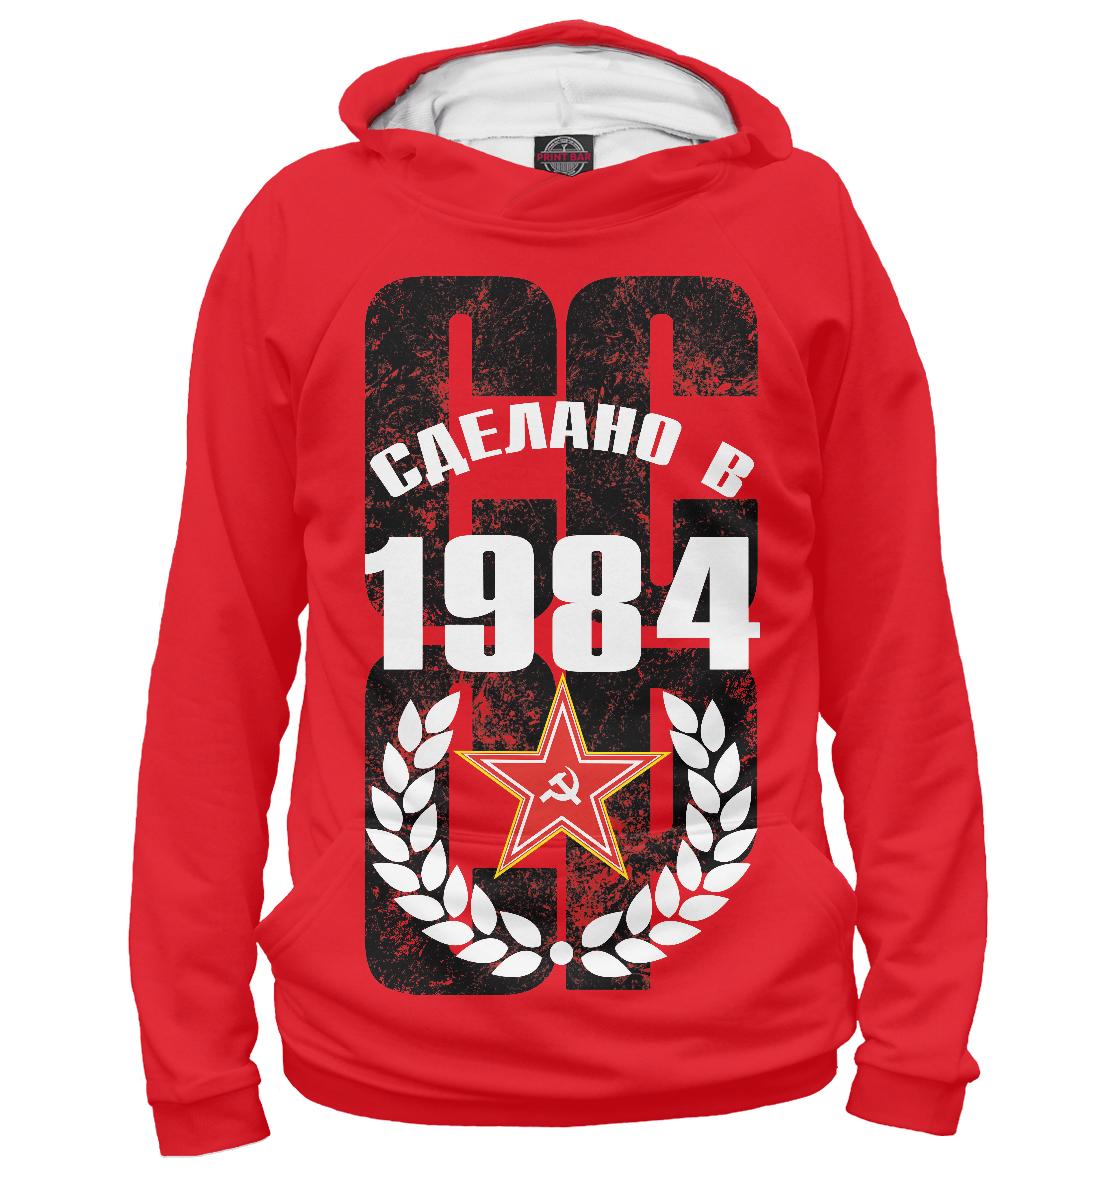 Купить Сделано в СССР 1984, Printbar, Худи, DVC-152807-hud-2